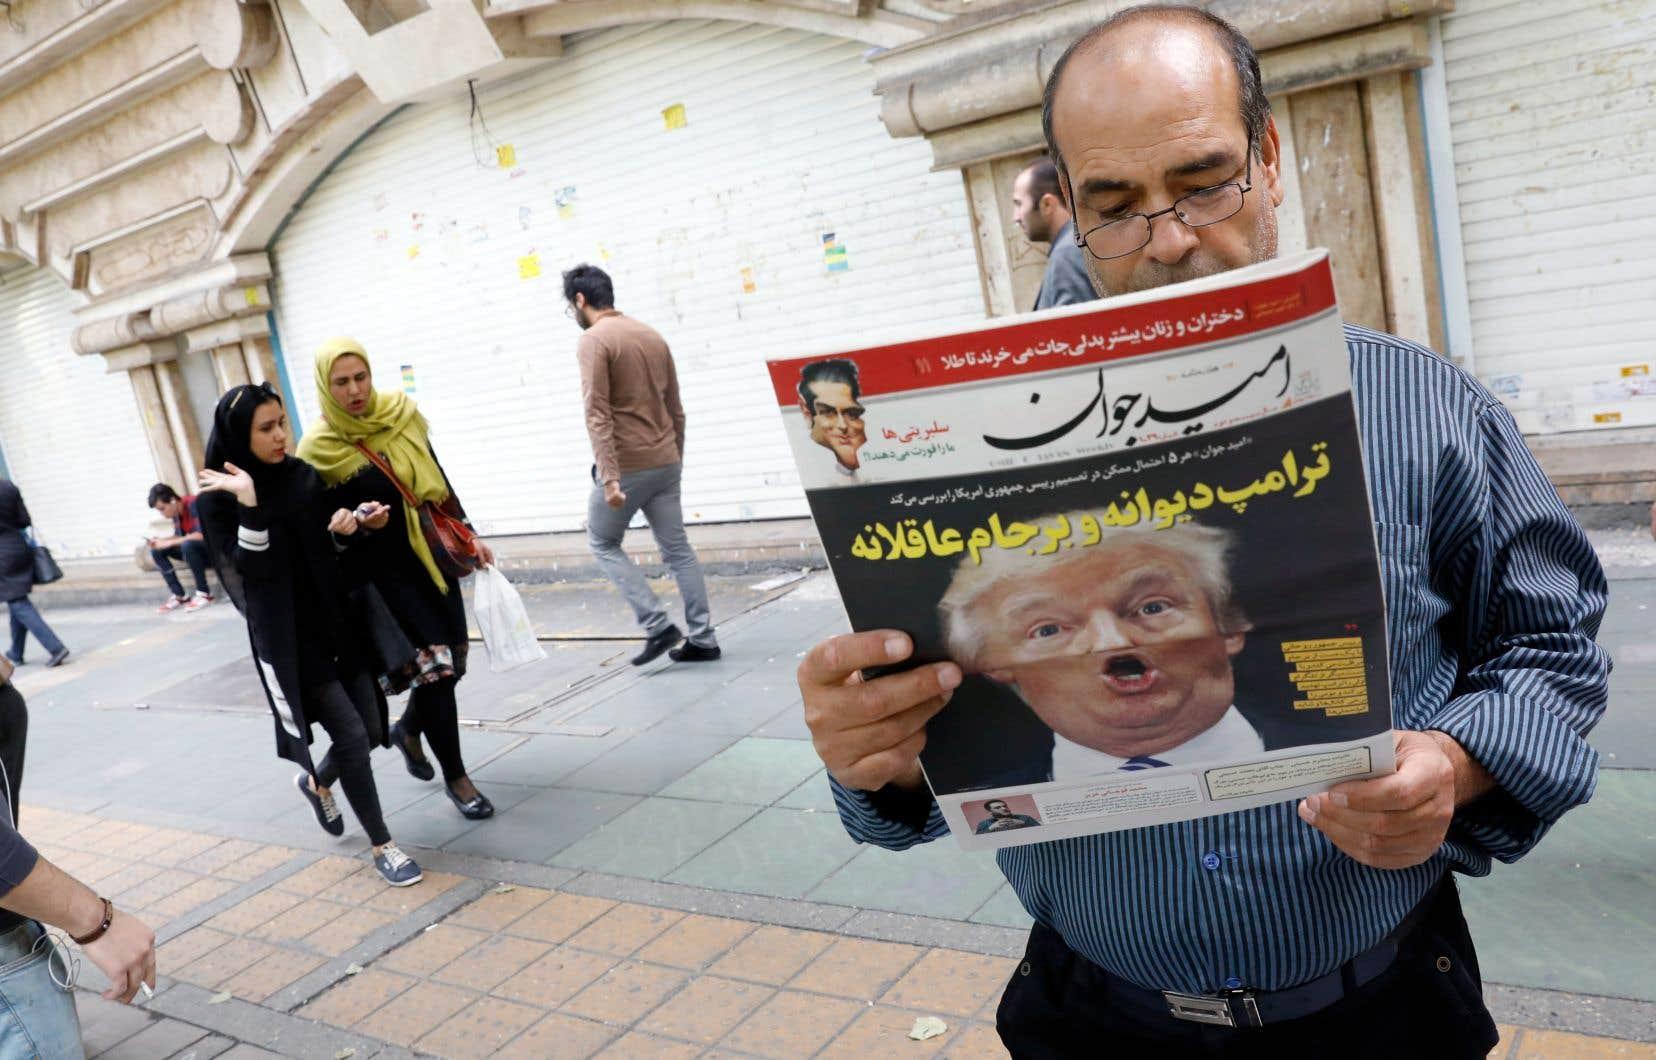 Un homme lit le quotidien «Omid Javan» qui affiche une photo de Donald Trump en manchette, le 14 octobre, à Téhéran.